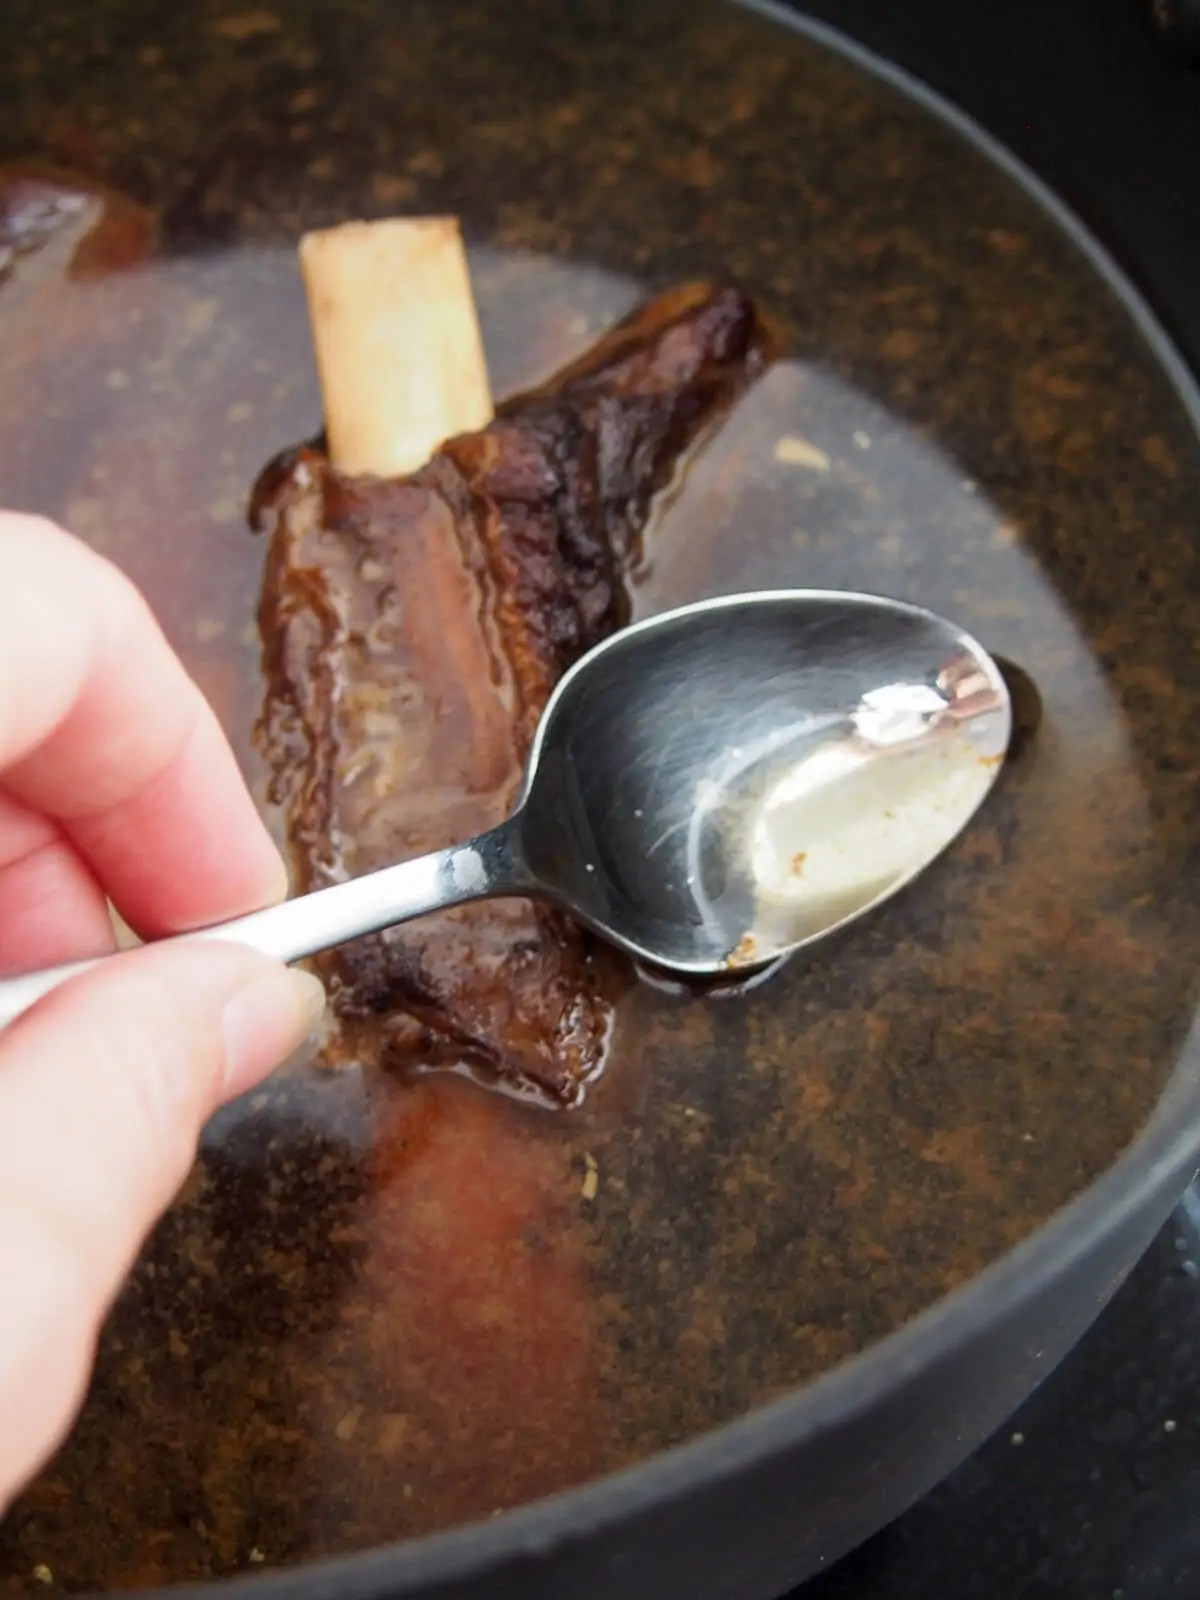 skimming fat from short rib broth